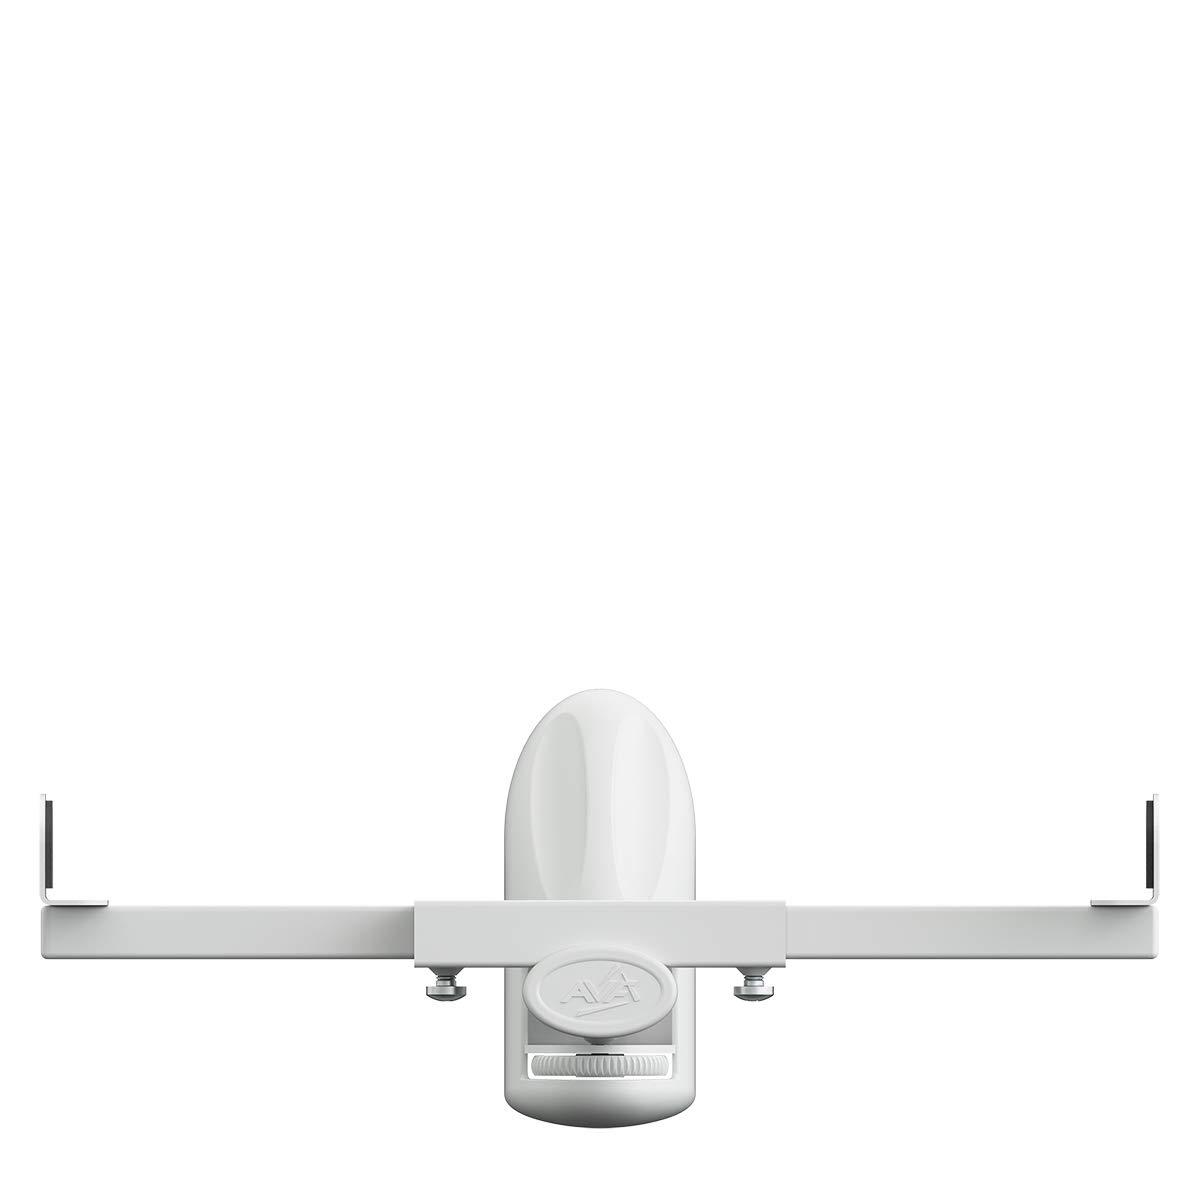 for Surround Sound Speakers Up to 20kg King Universal Tilt /& Swivel Speaker Wall Mount Bracket Pair White